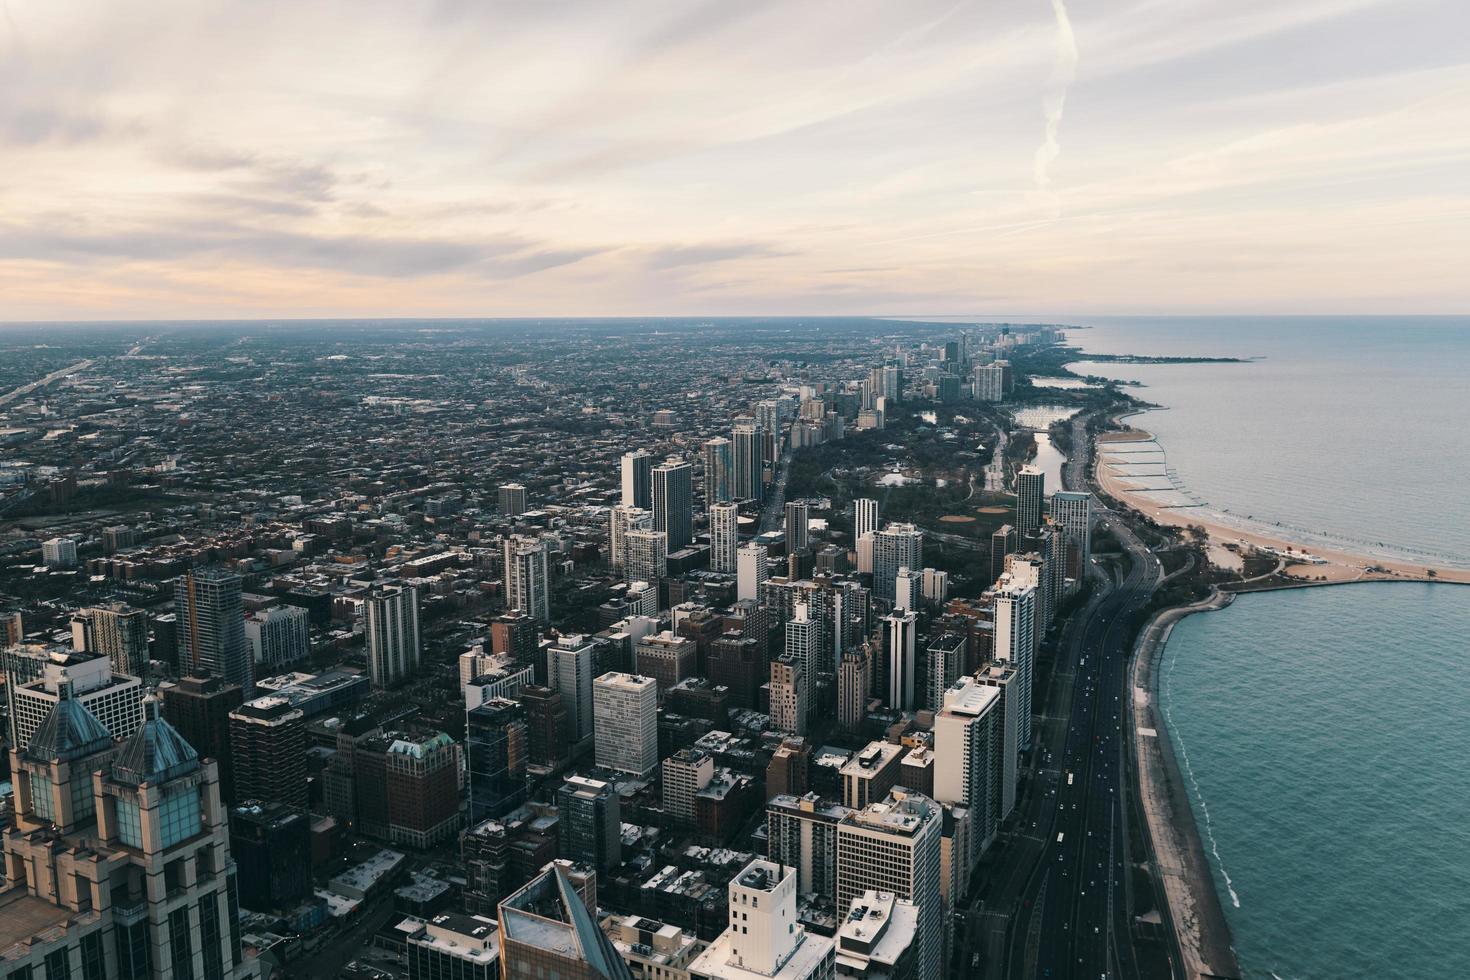 fotografia aerea di new york city foto